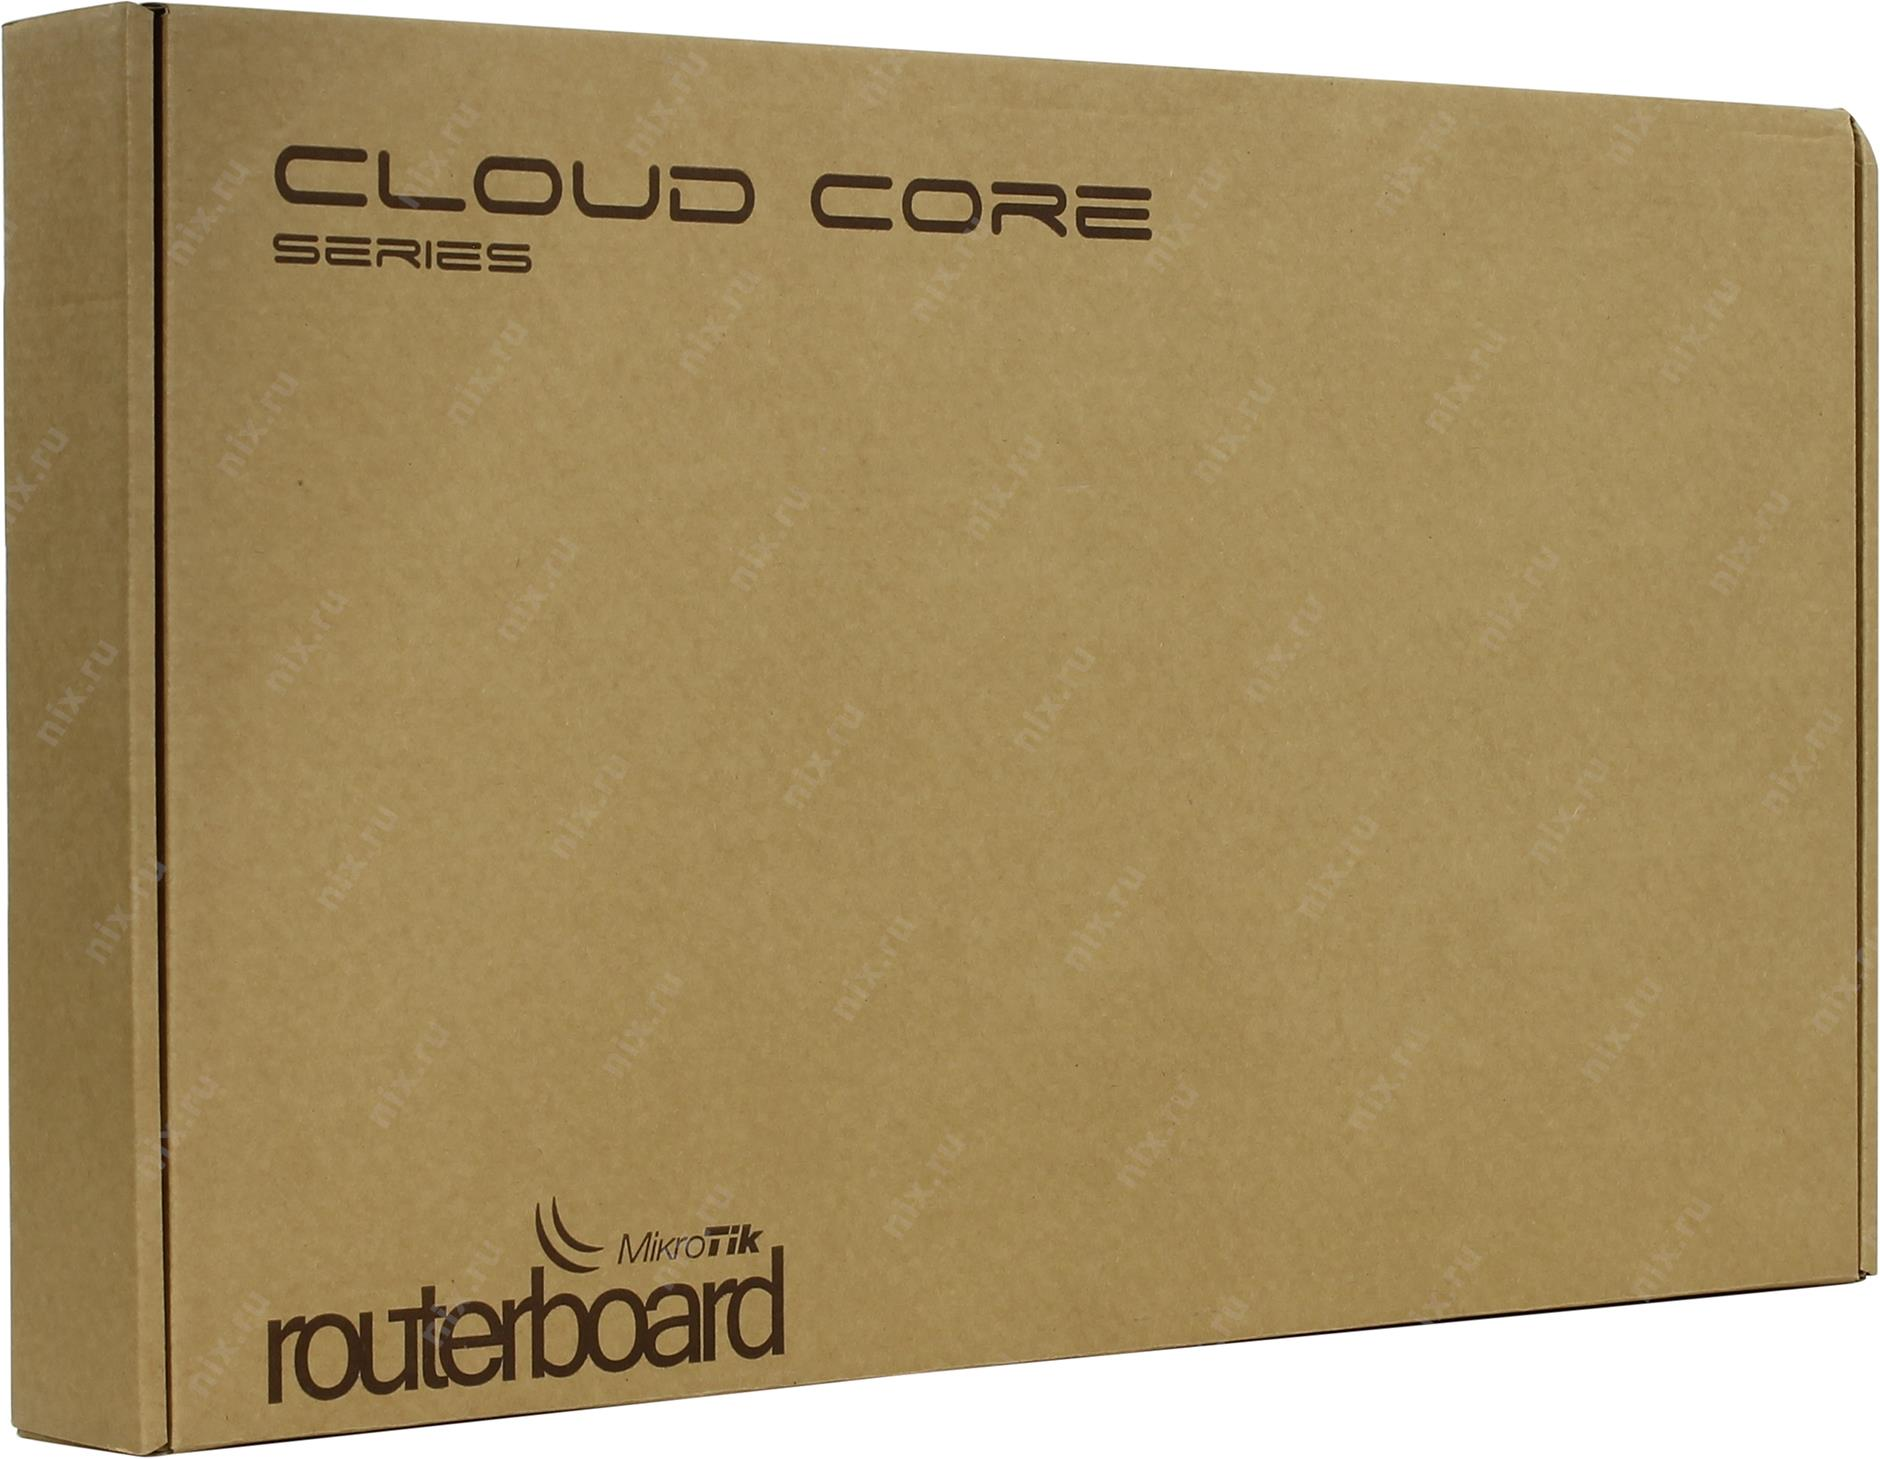 Mikrotik Cloud Core Router Ccr 1036 12g 4s Em 12 X Rj45